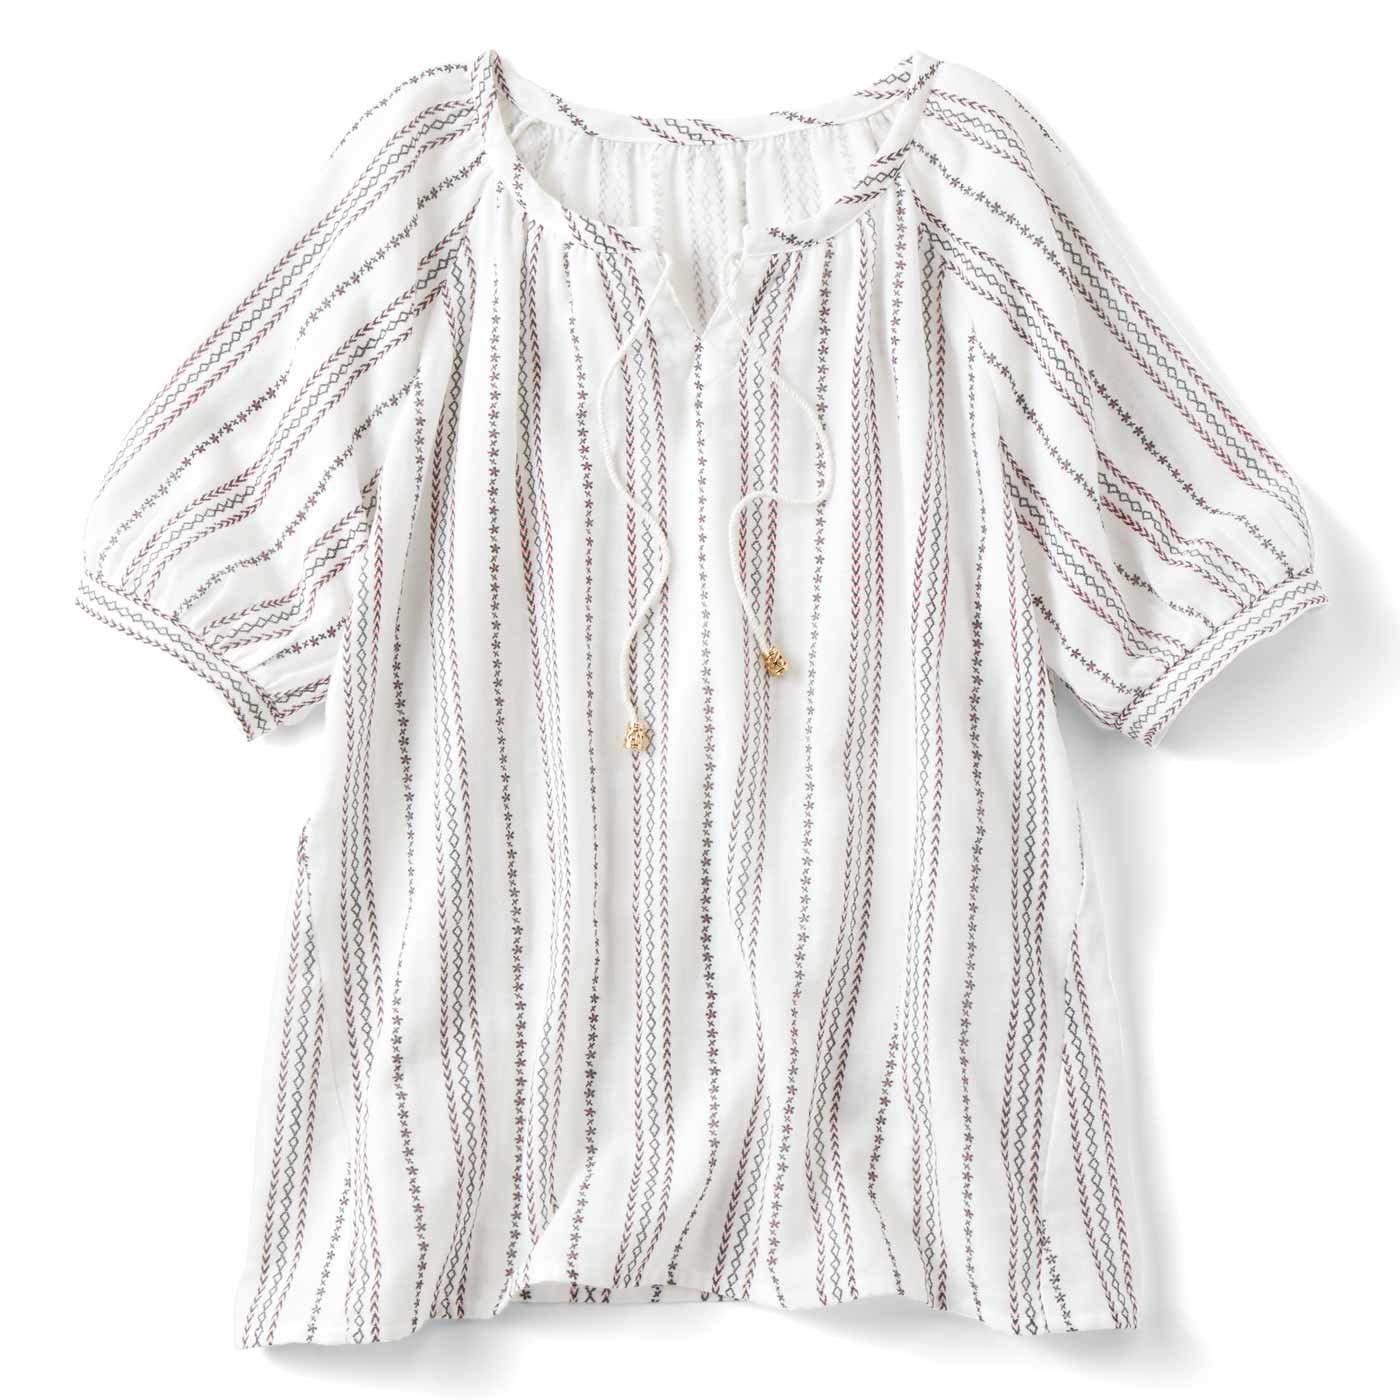 リブ イン コンフォート ダブルガーゼが心地いい 刺繍みたいなプリントプルオーバー〈ホワイト〉